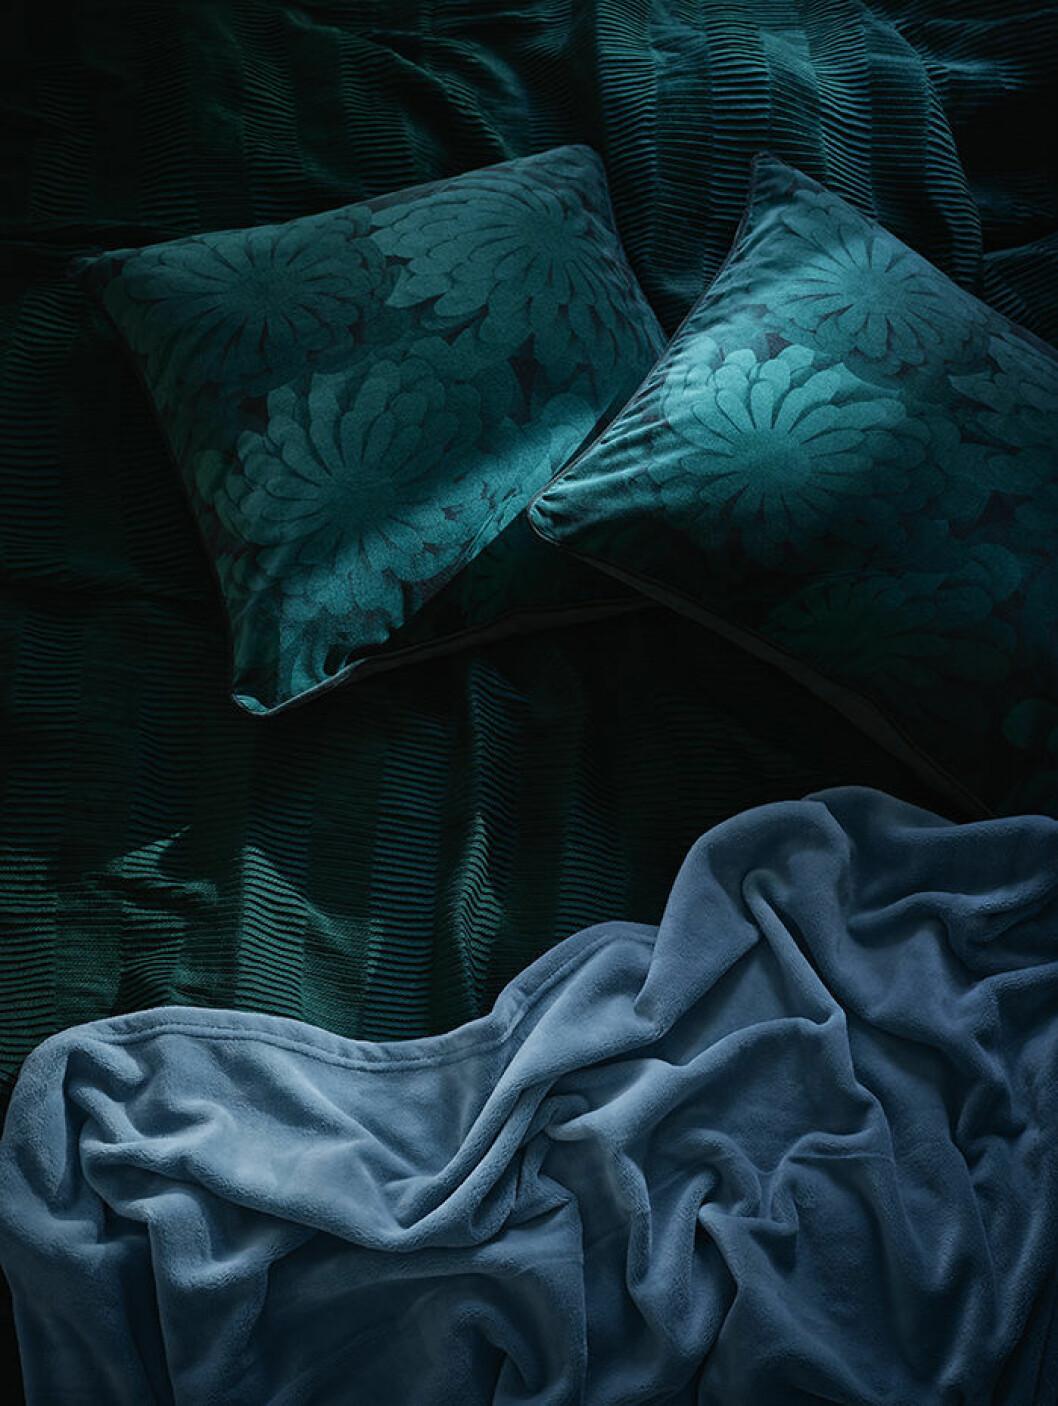 Kuddar formgivna av Bea Szenfeld för Ikea